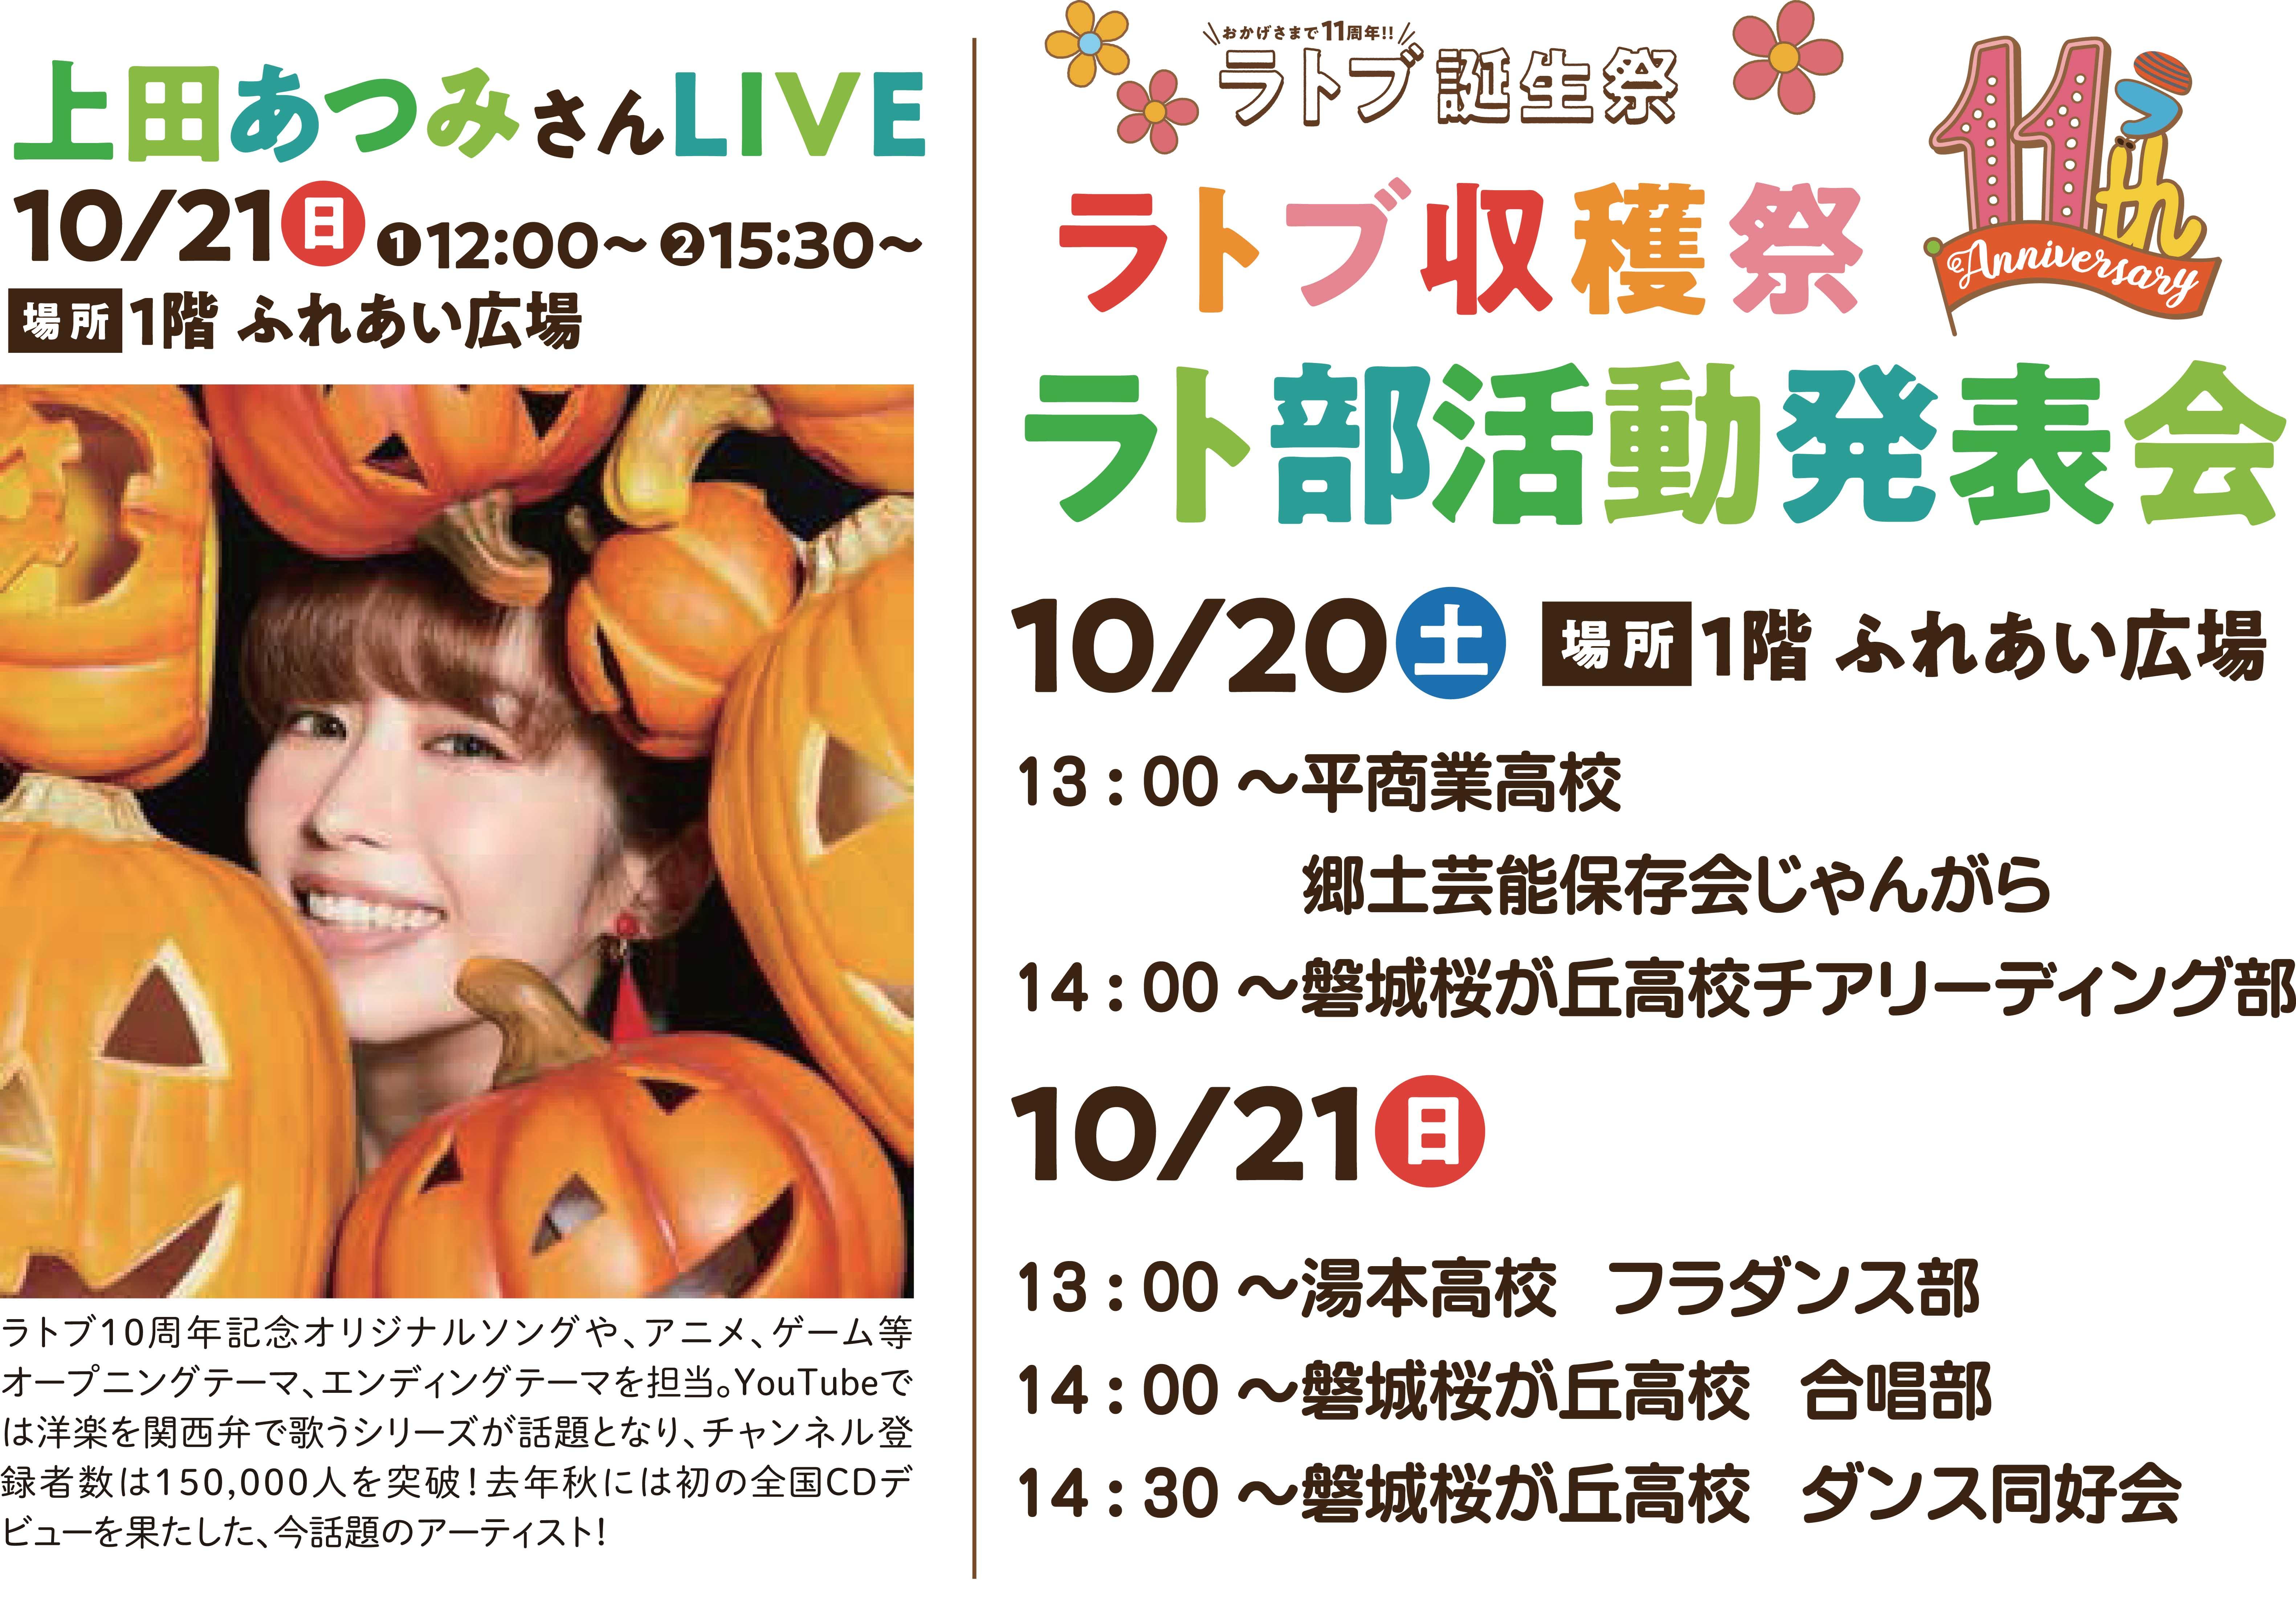 ★ラトブ収穫祭★ラト部活動発表会★10/21(日)